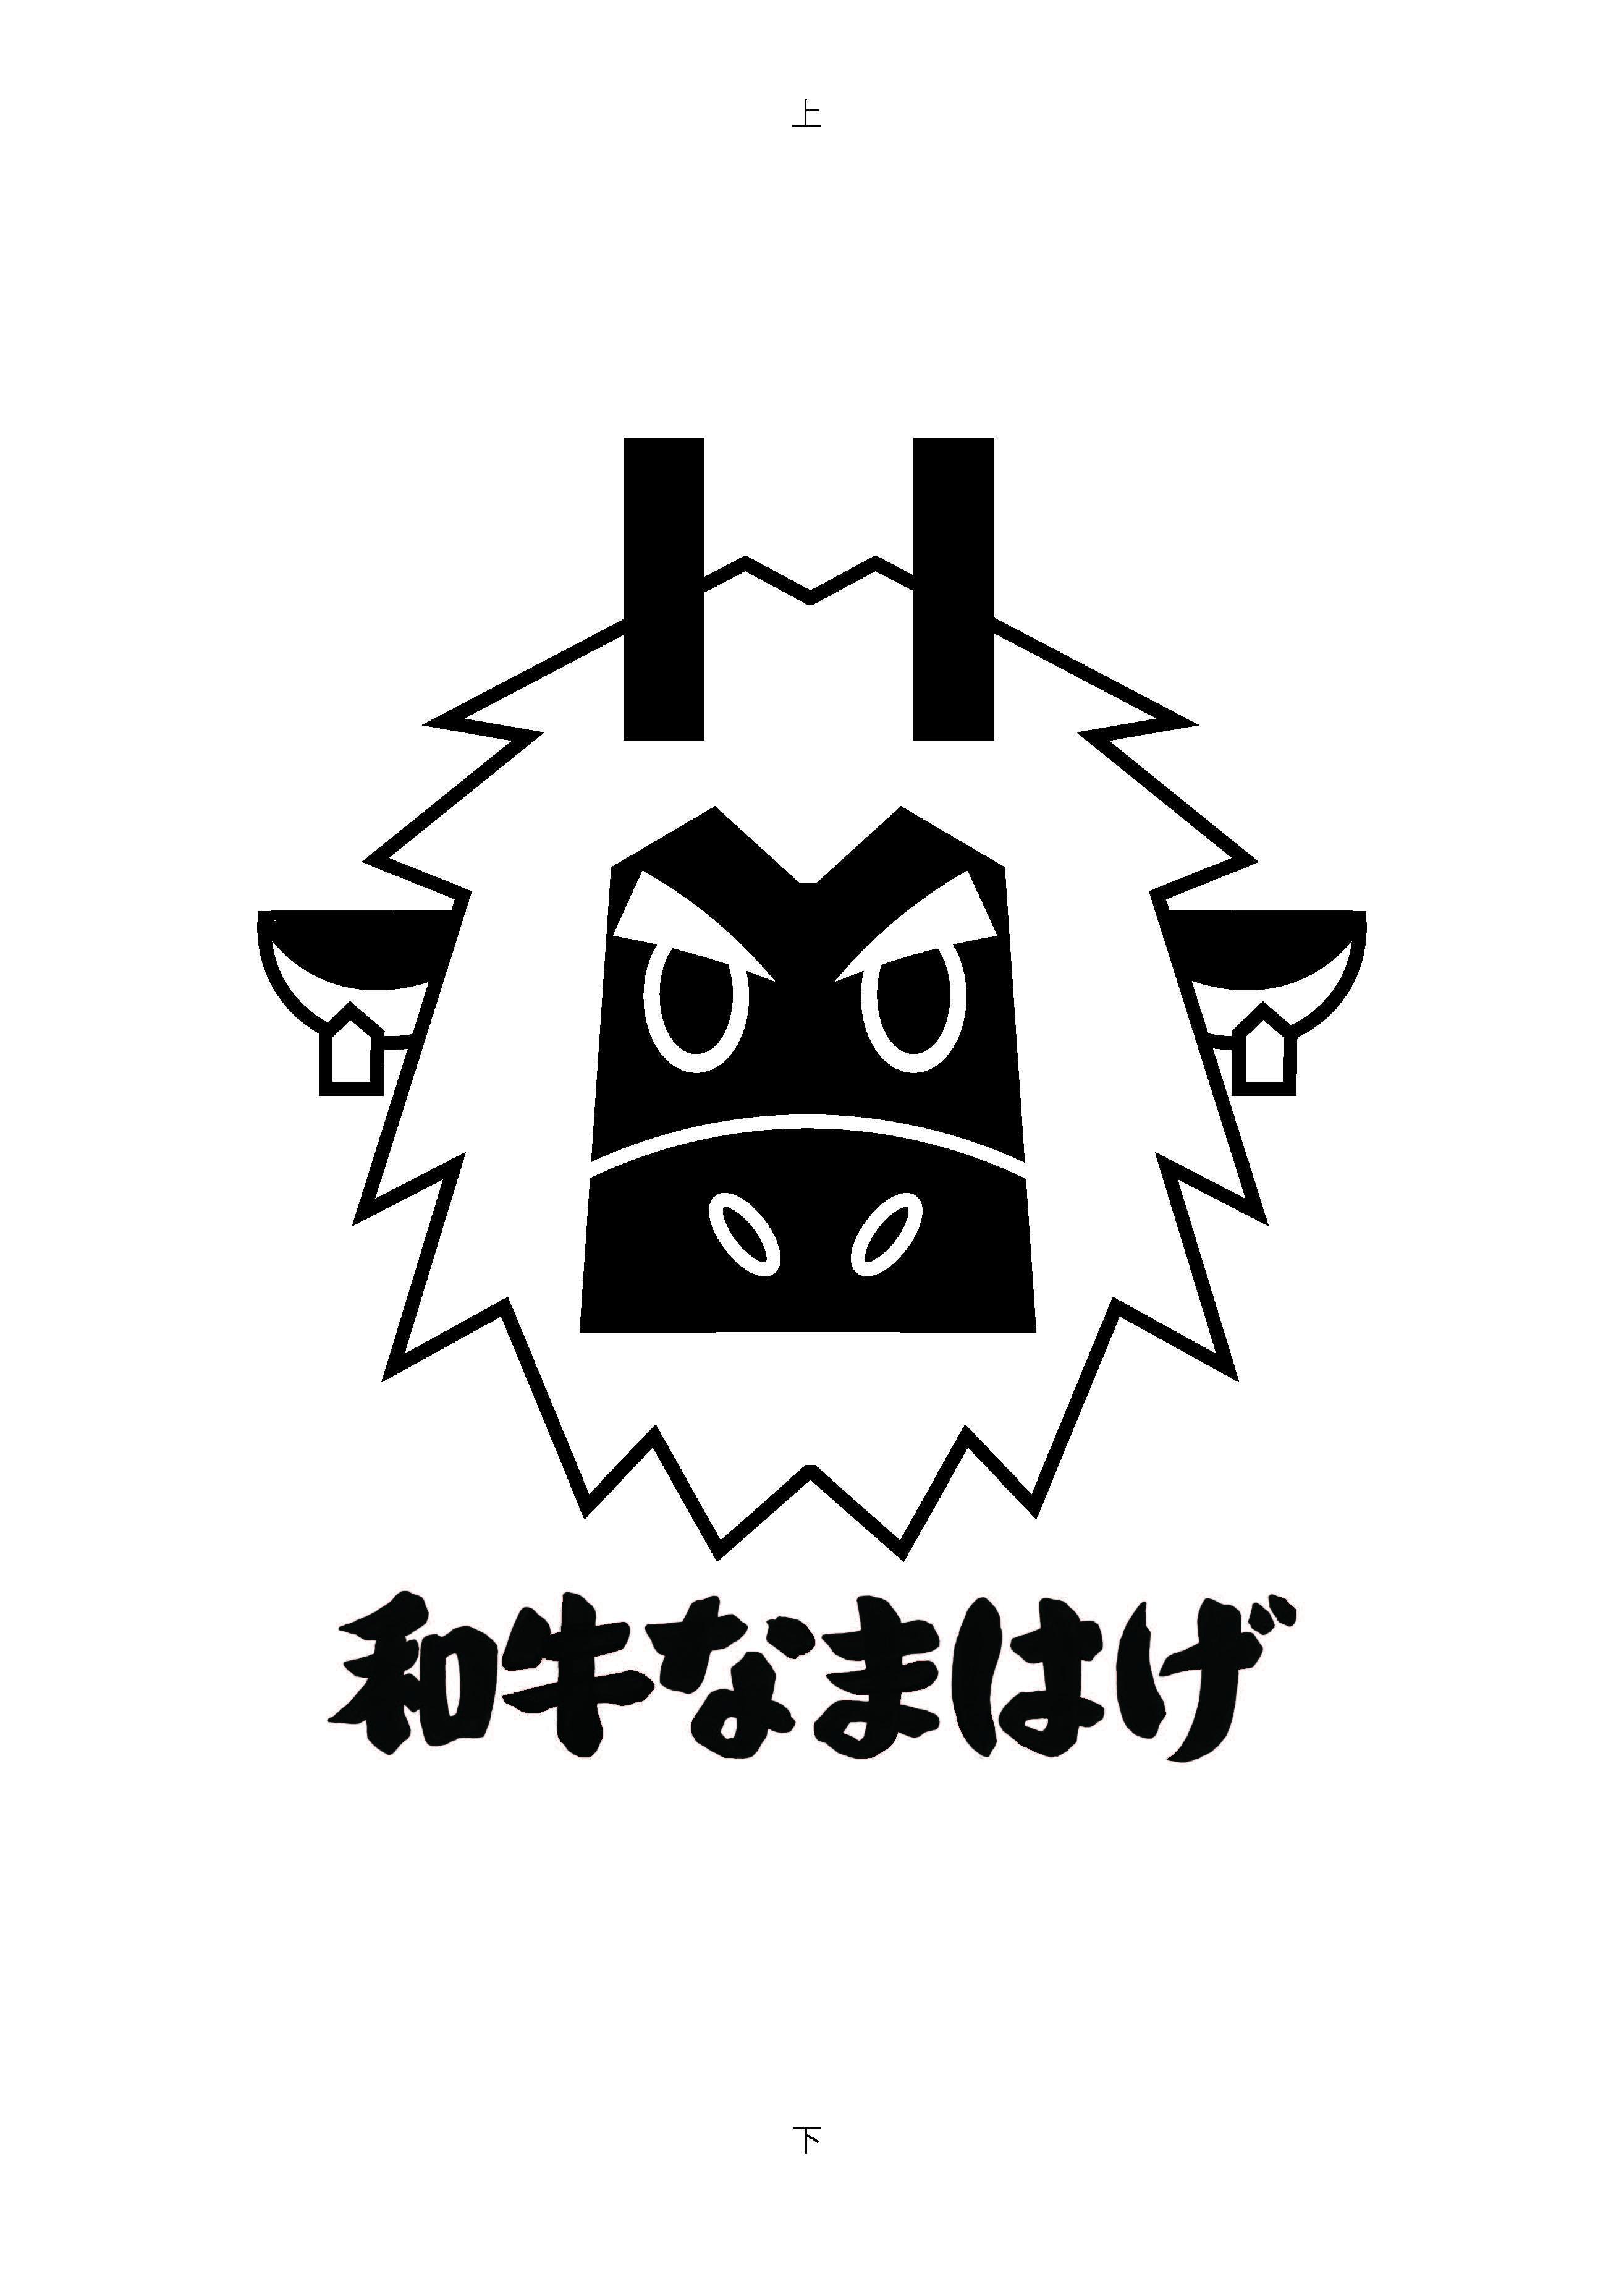 「ロゴDESIGNコンテスト」にて本学学生の作品が入賞